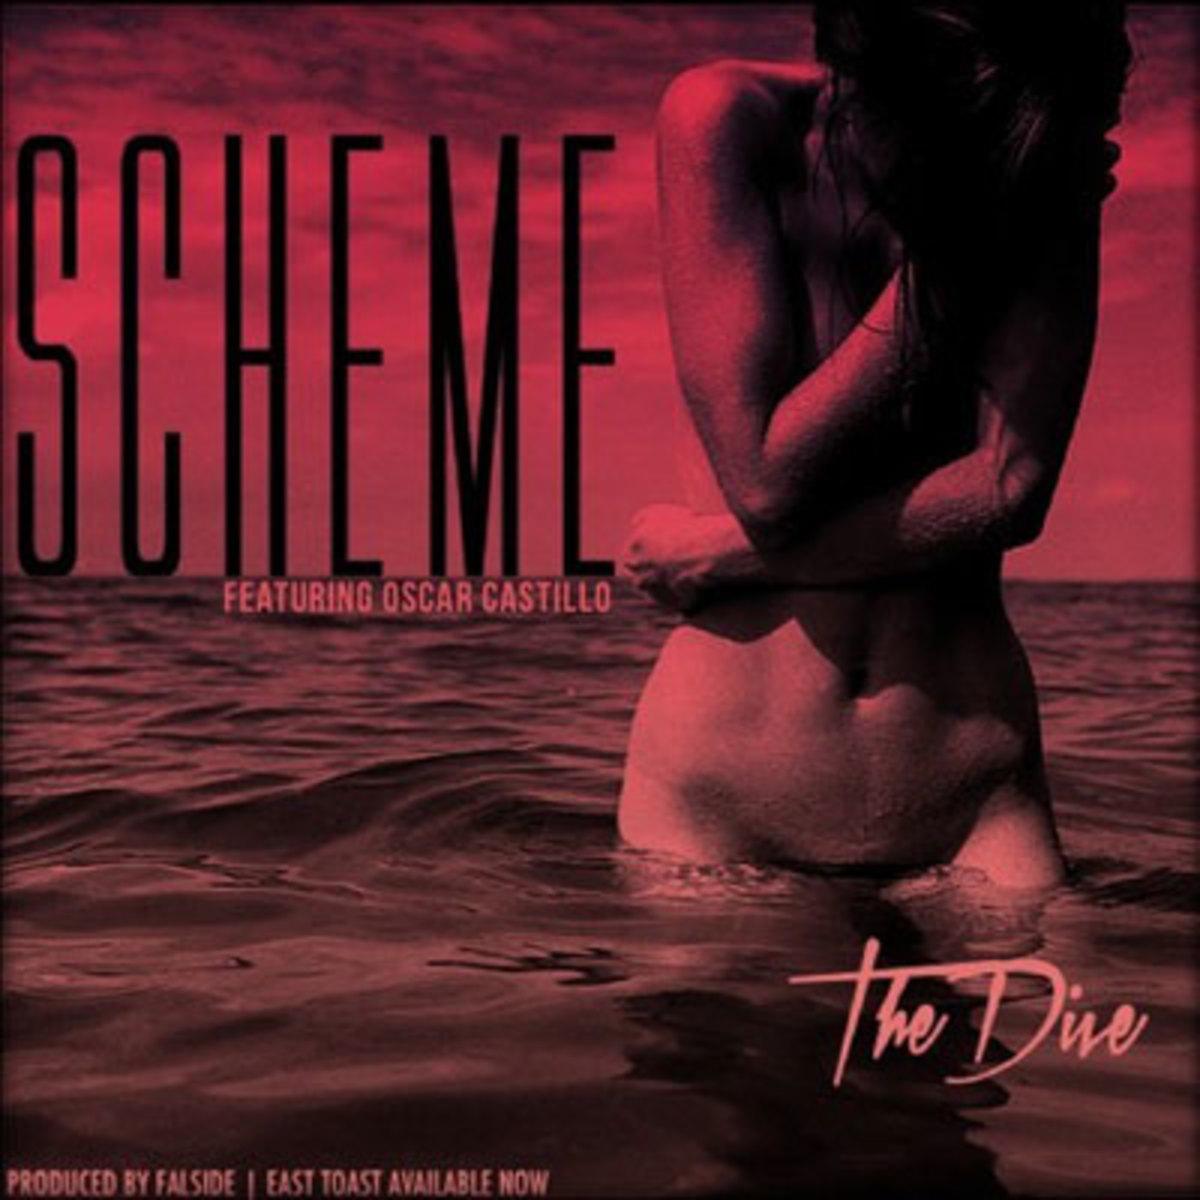 scheme-thedive.jpg